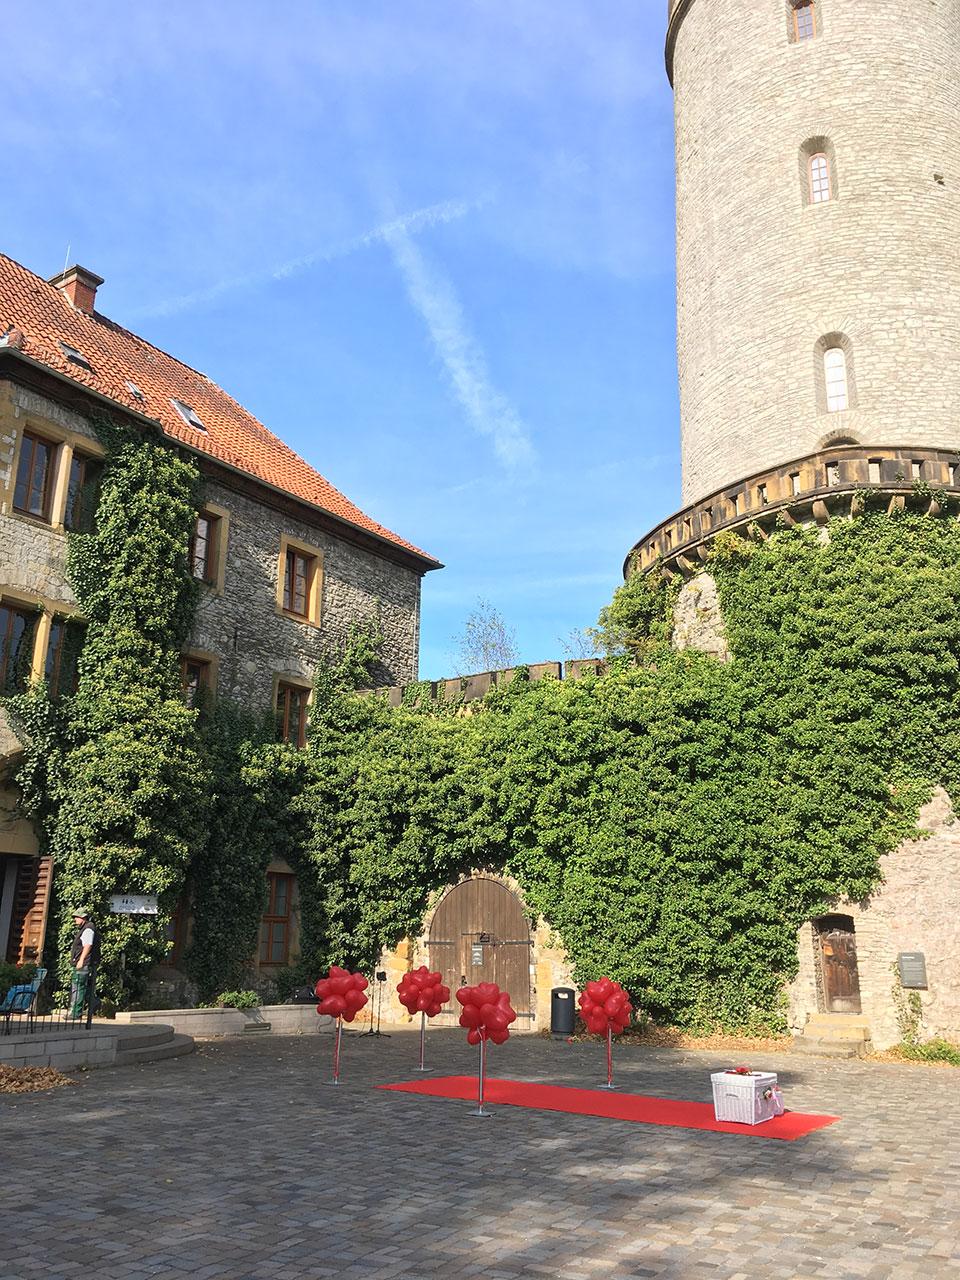 20190710-Bielefeld-Rathaus-Sparrenburg-alte-Vogtei-Hochzeitstauben-Luftballons-Sektempfang-1